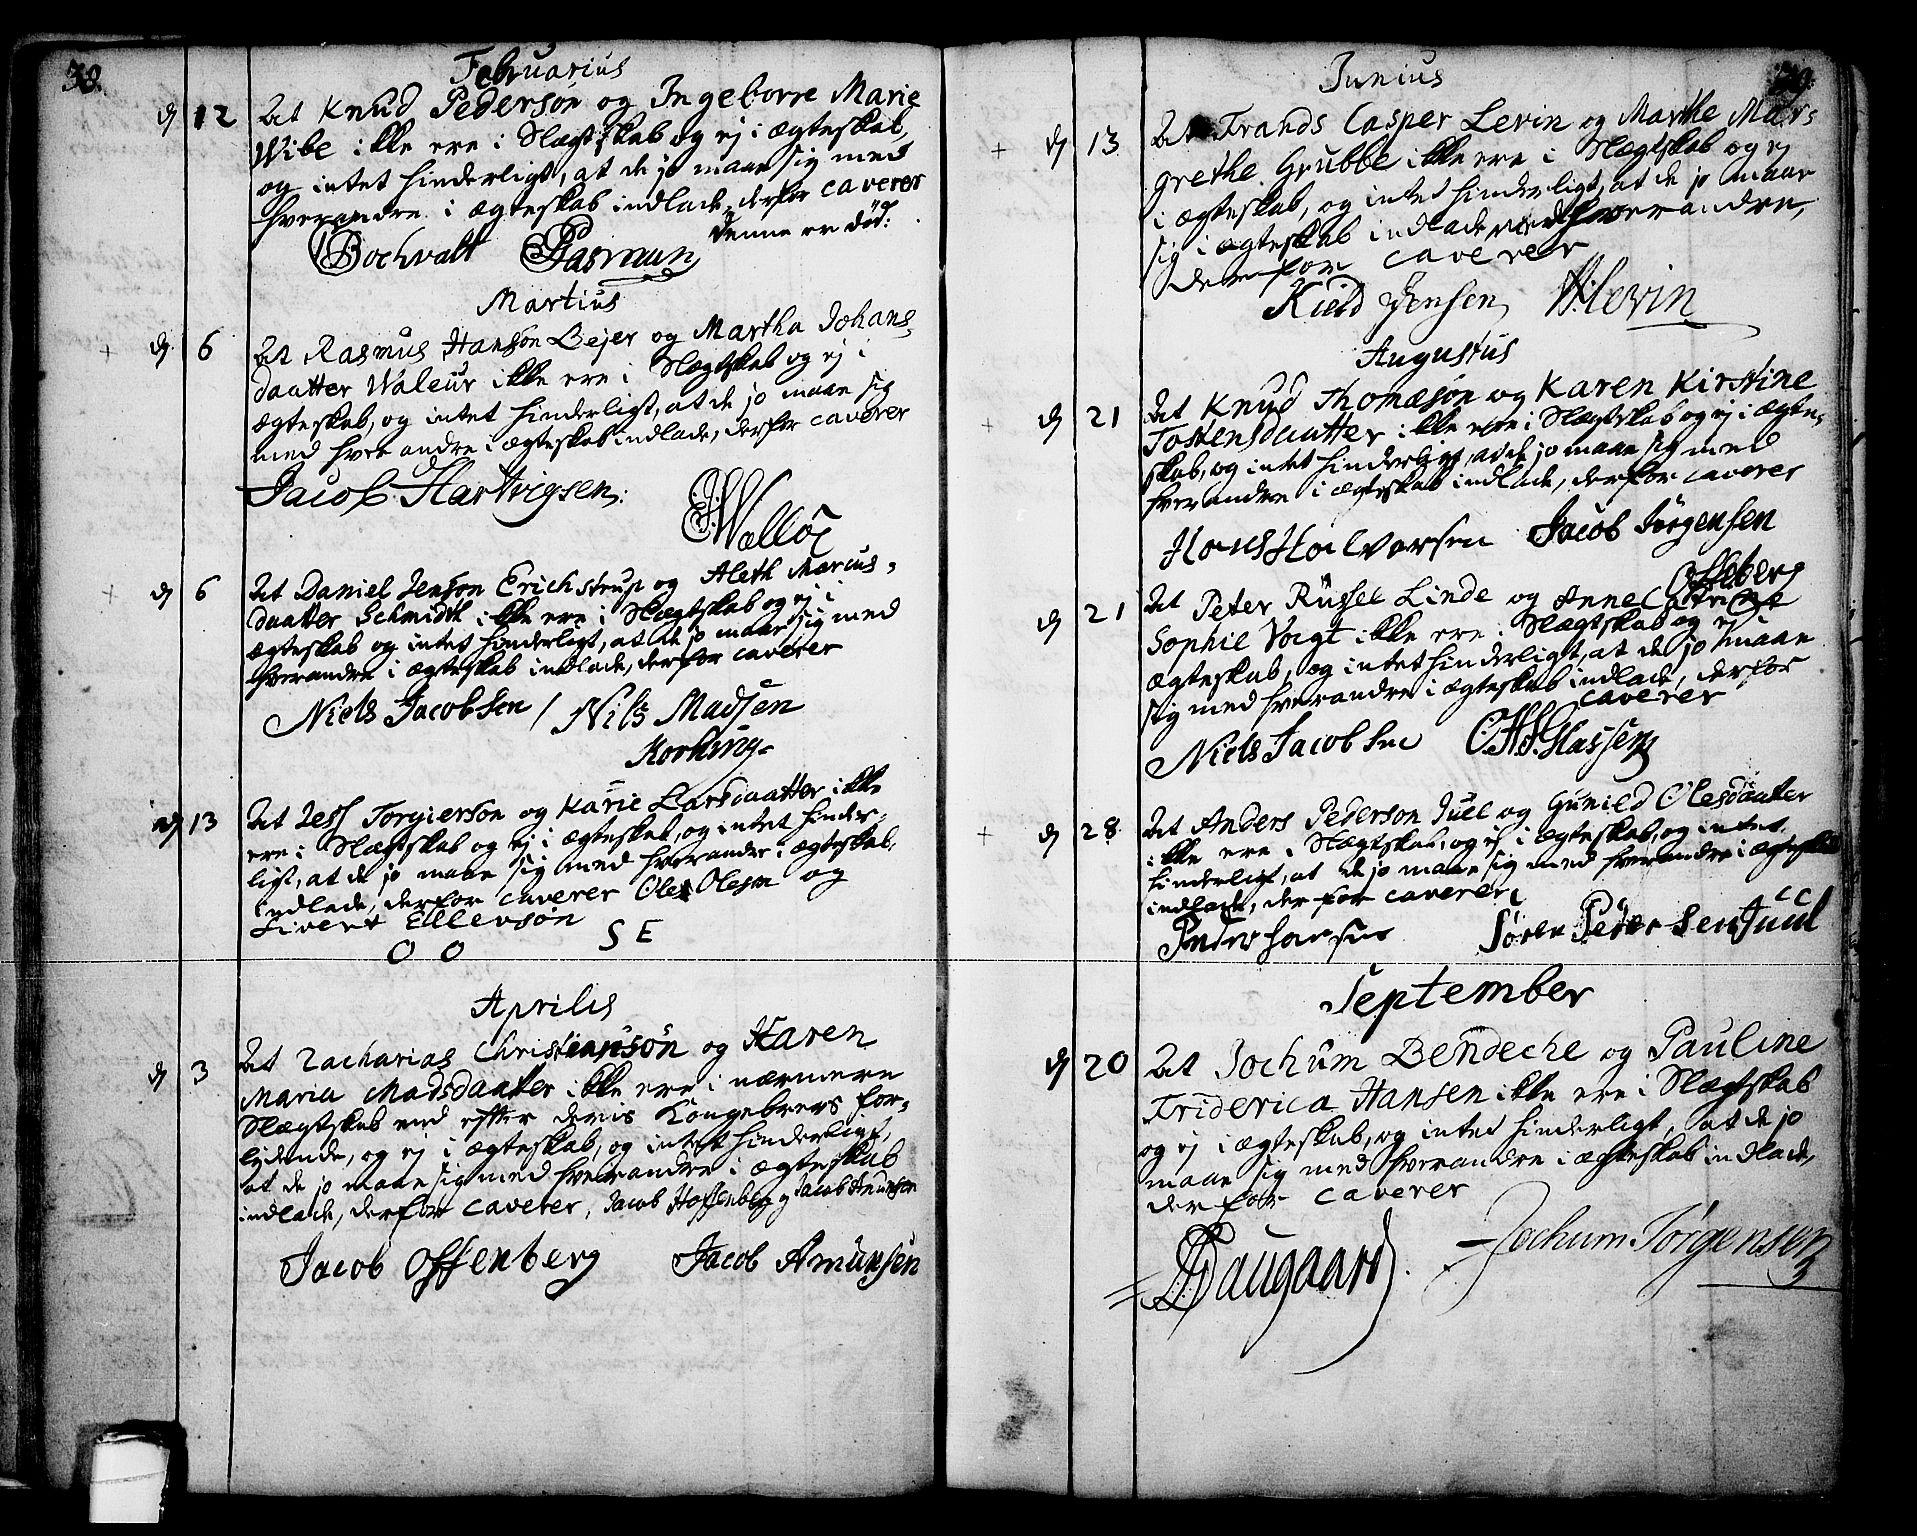 SAKO, Skien kirkebøker, F/Fa/L0003: Ministerialbok nr. 3, 1755-1791, s. 38-39